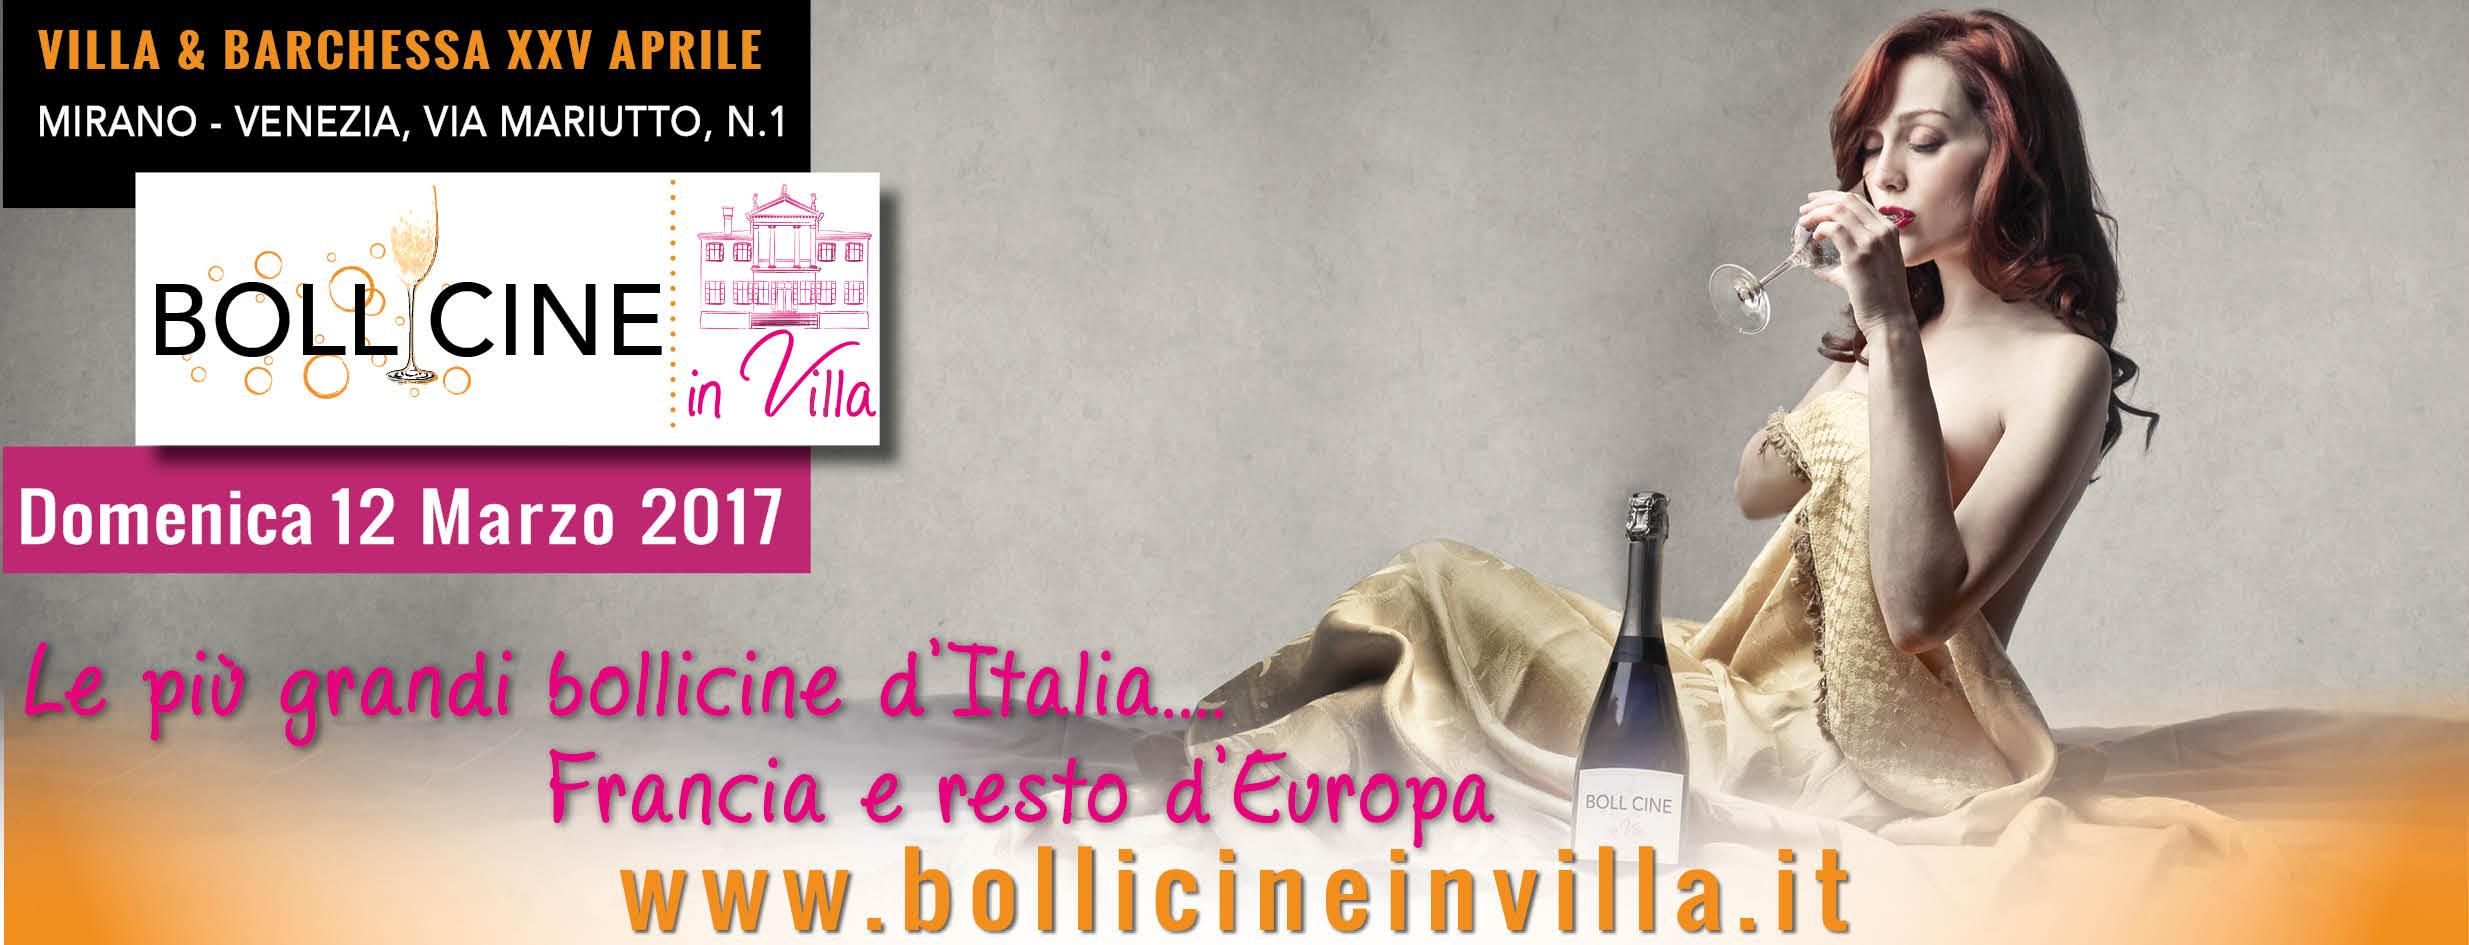 bollicine in villa Mirano 1 edizione